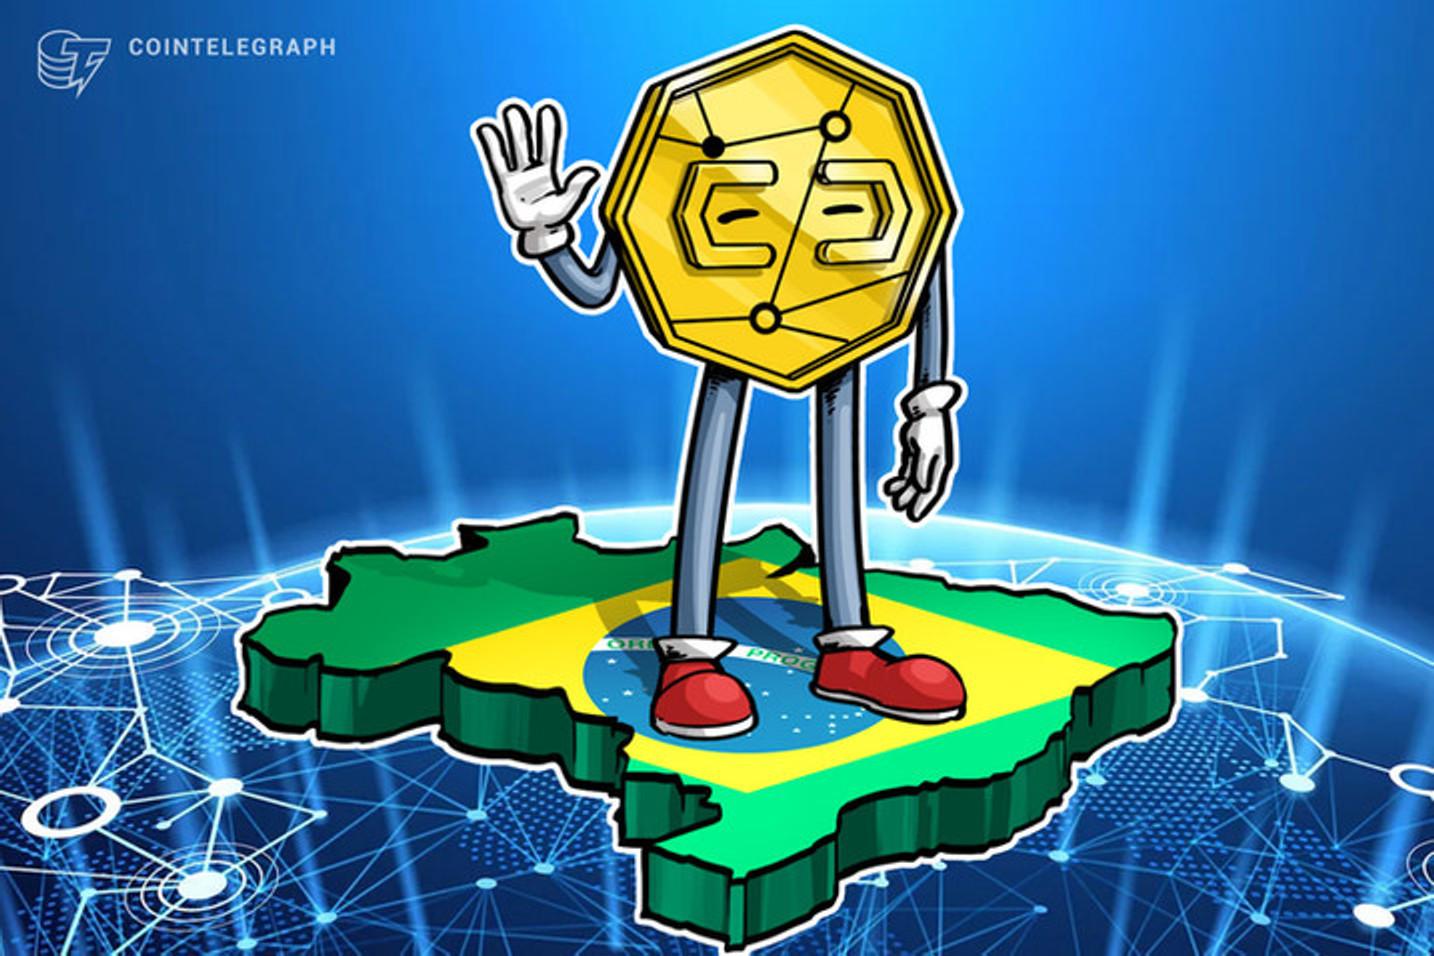 Guia completo: Quem os fundos com exposição a Bitcoin e criptomoedas aprovados pela CVM